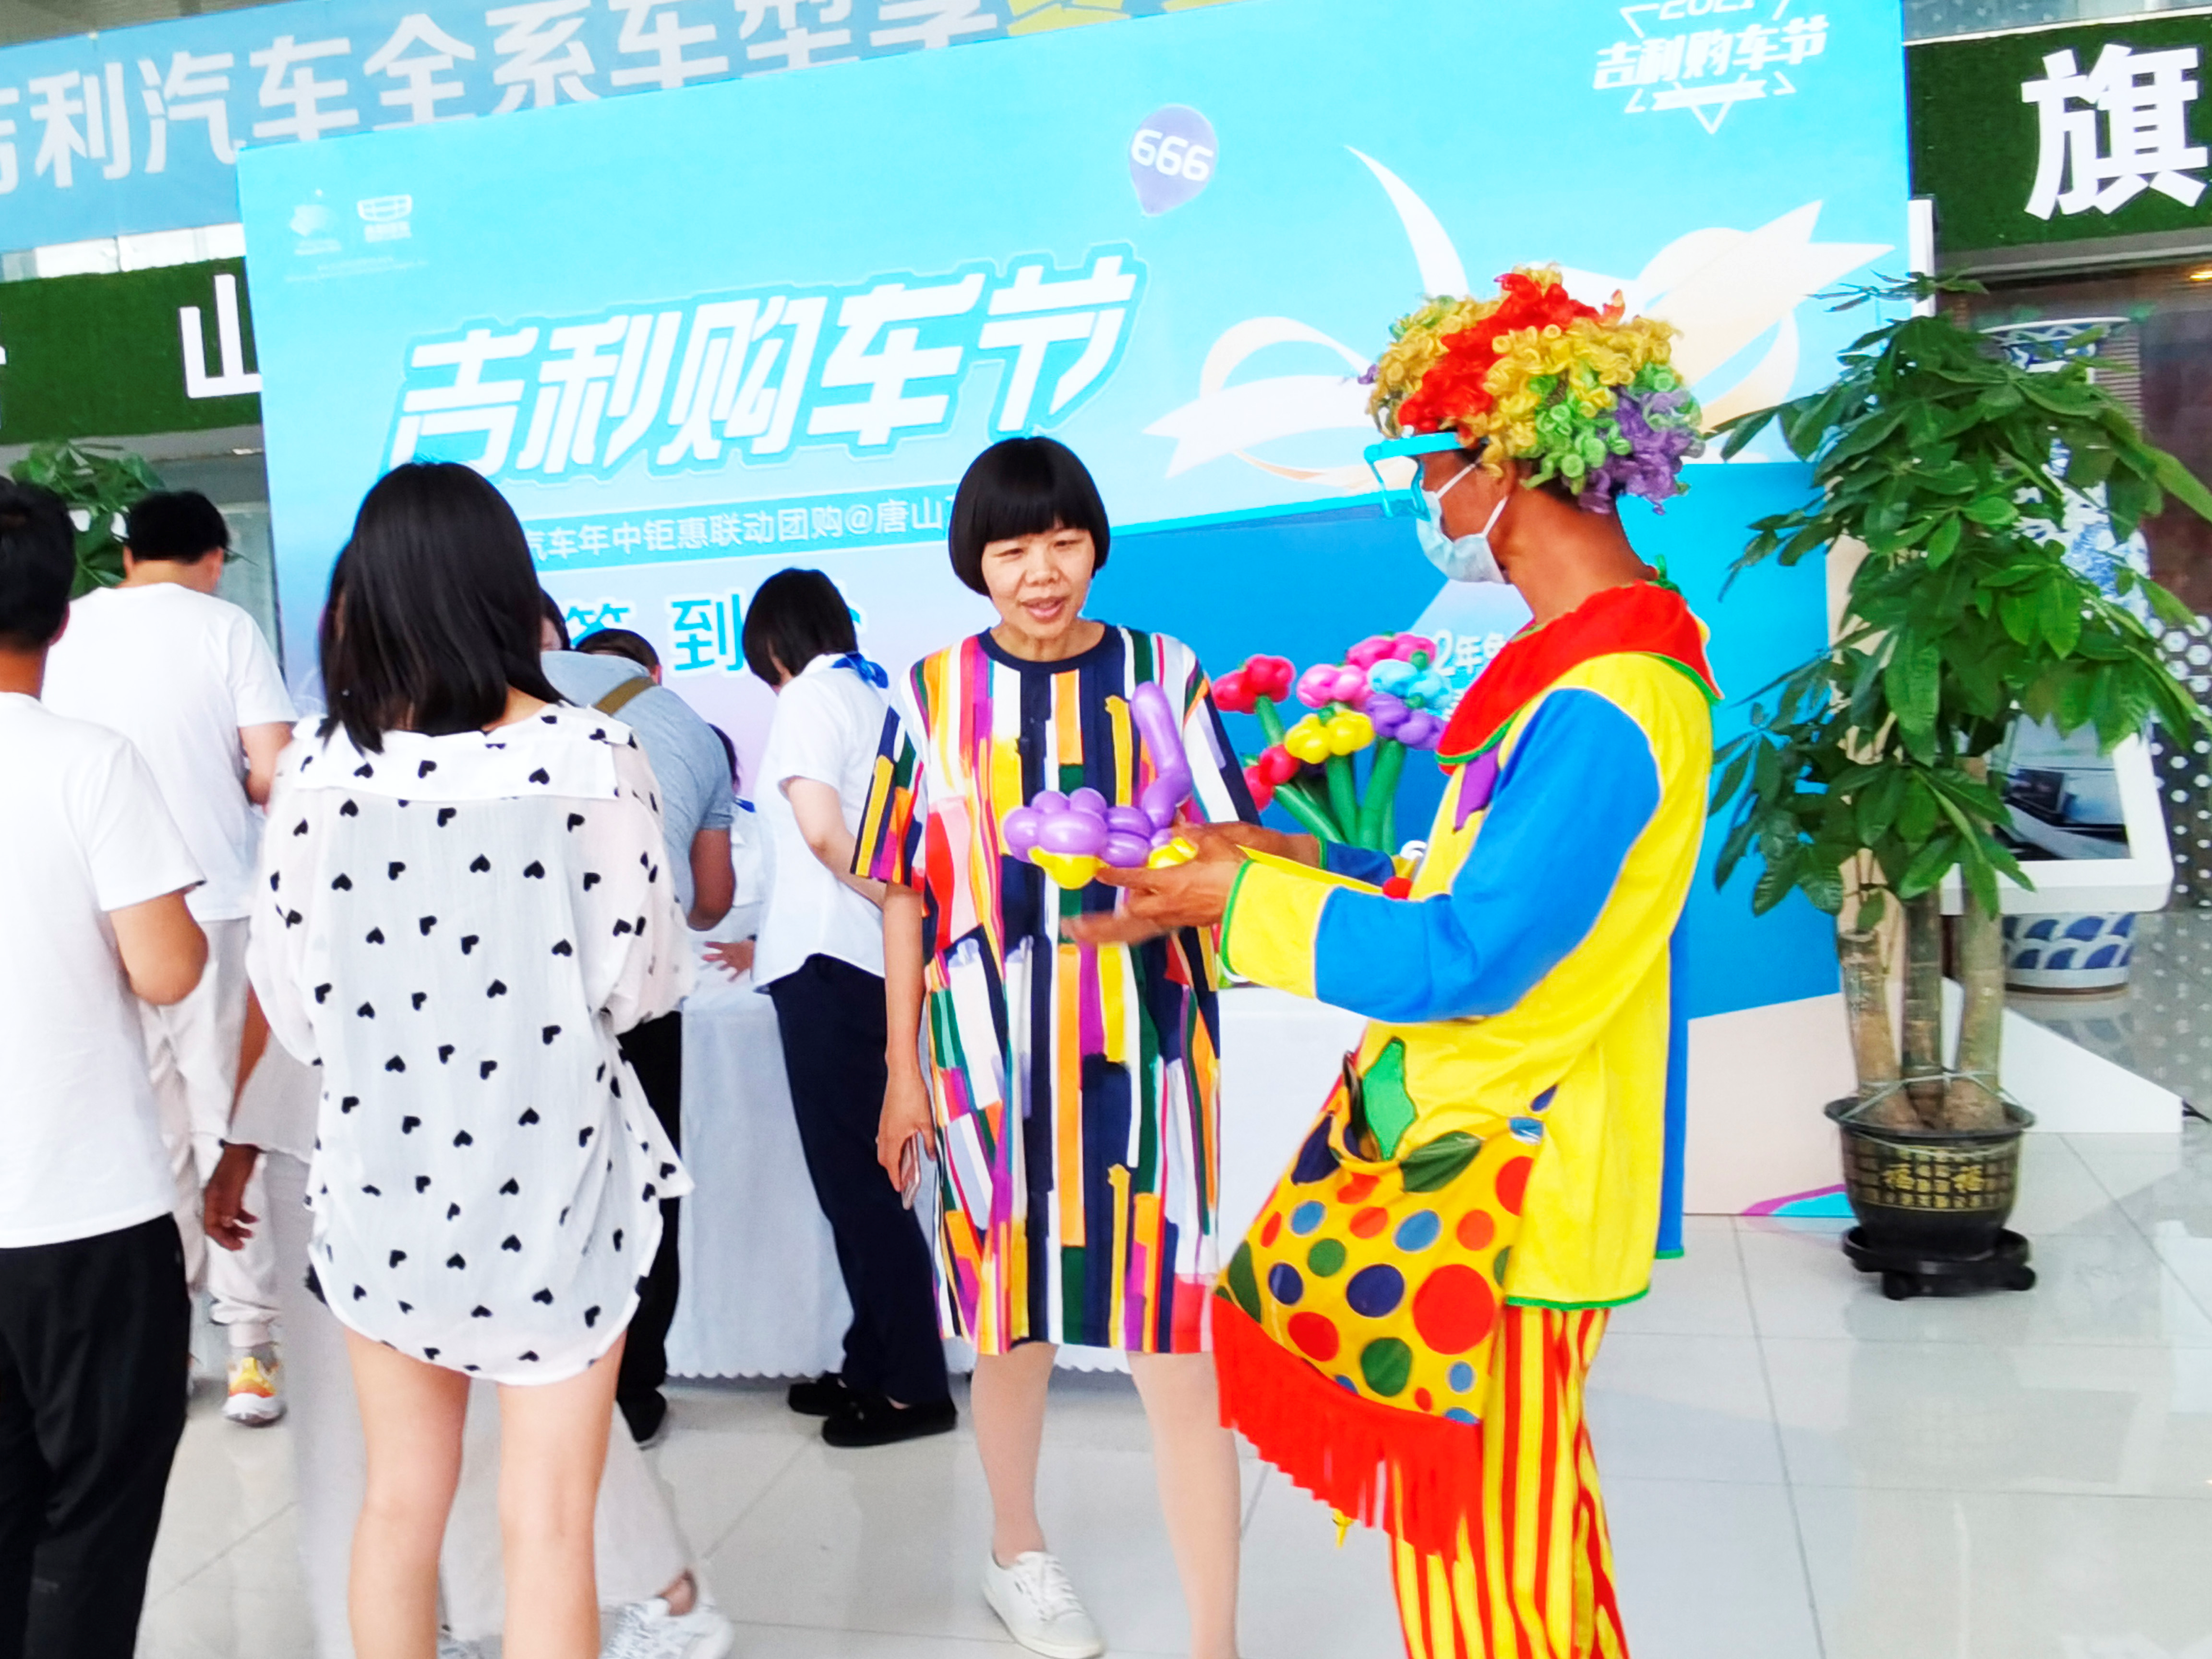 吉利汽车年中钜惠――唐山万汇4S店收获一大波订单